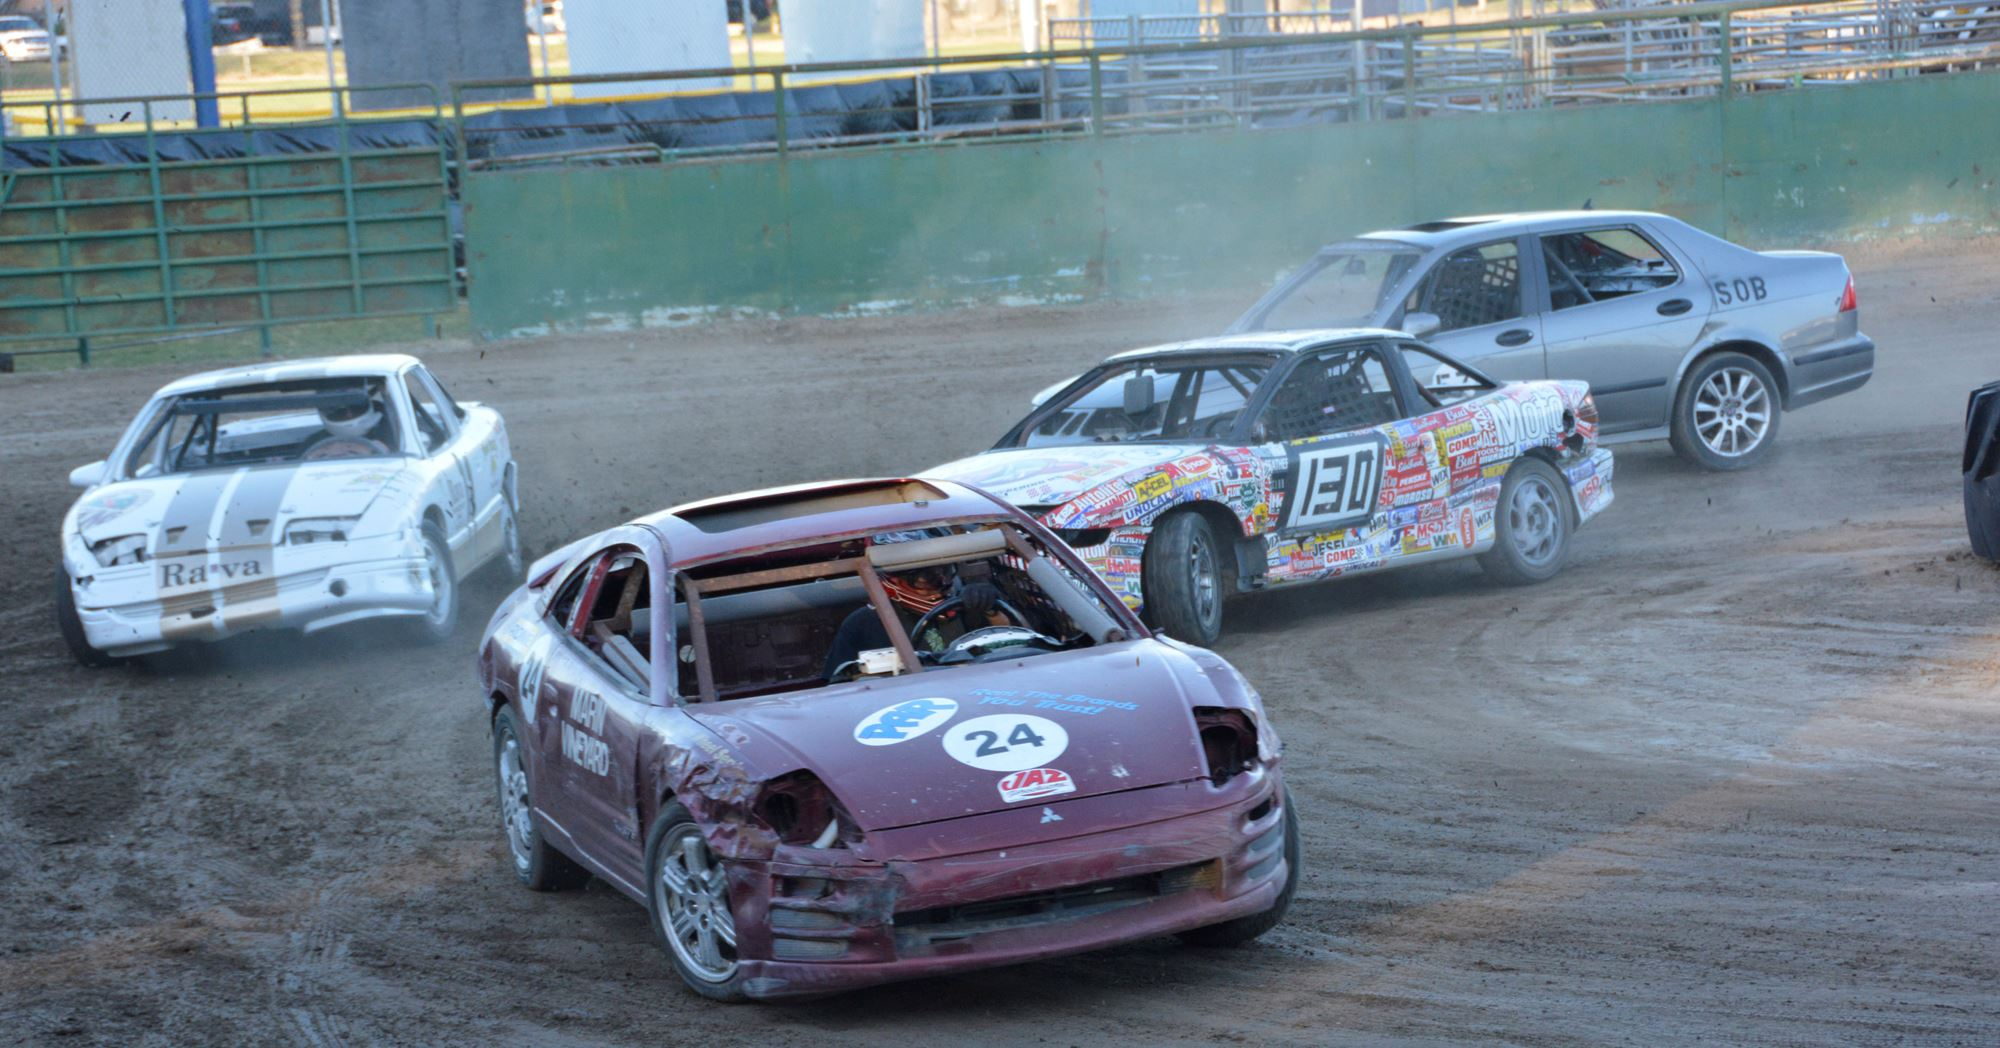 Farmer 500 destruction derby race vehicles